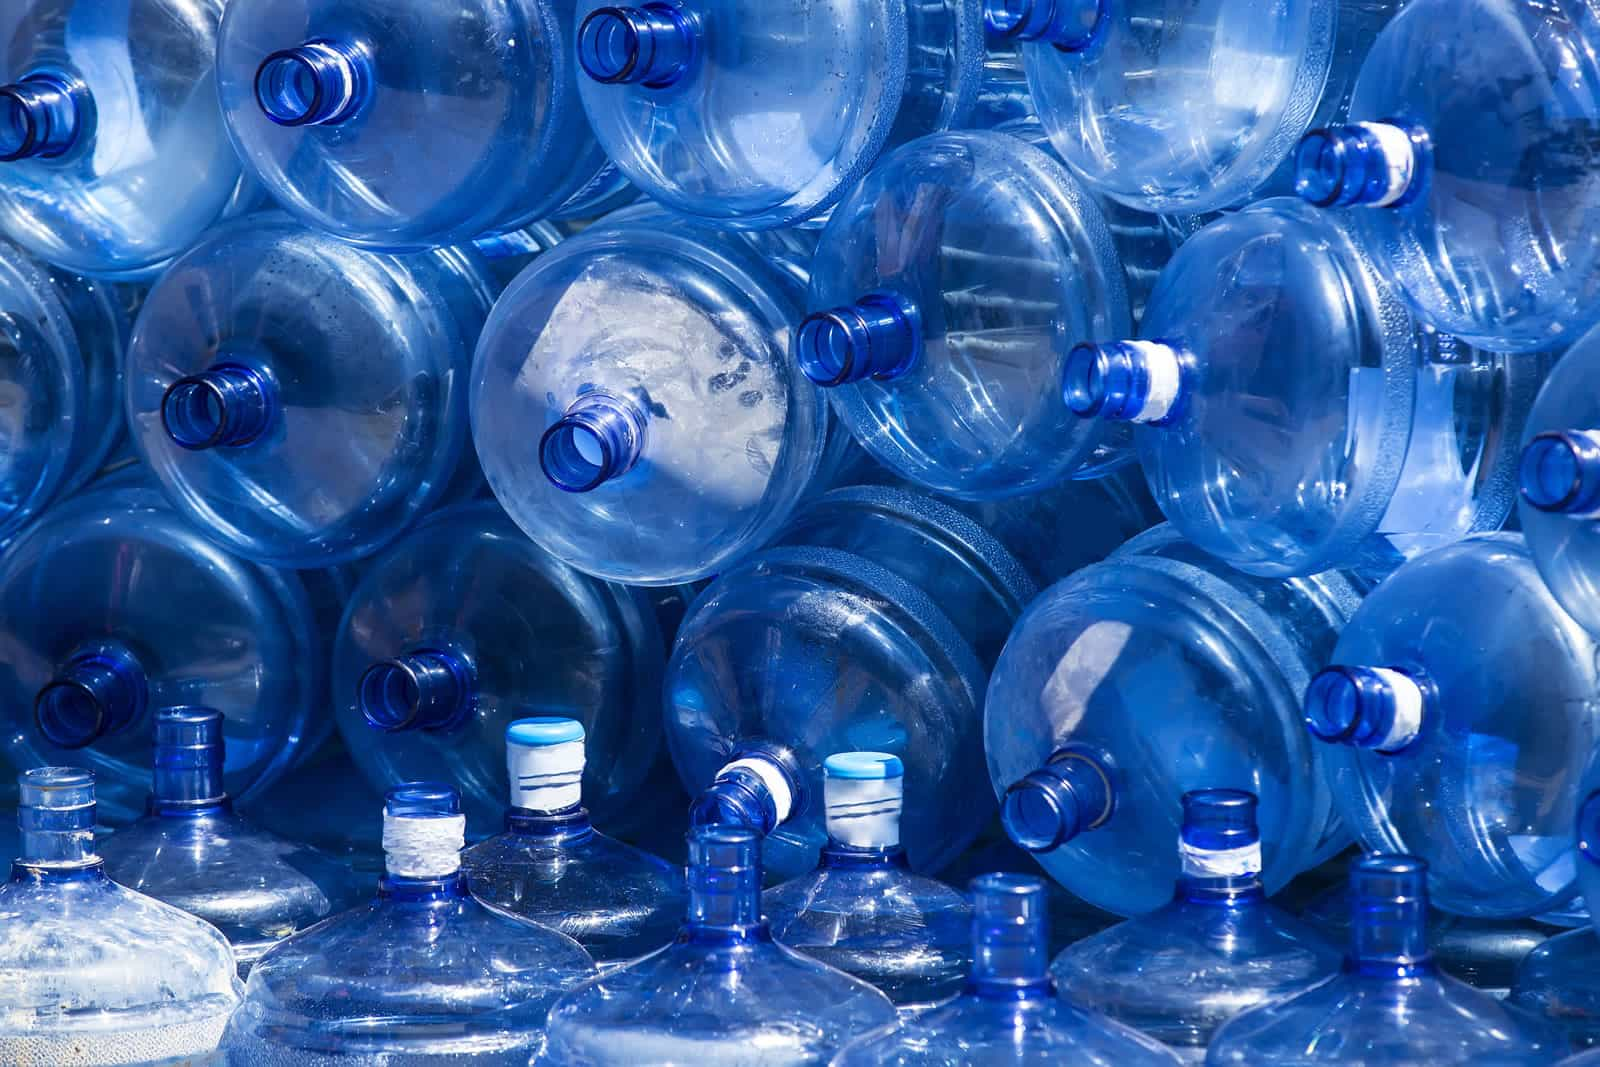 Consommation Fontaine À Eau les aberrations de l'eau en bouteille - laguneo - fontaines